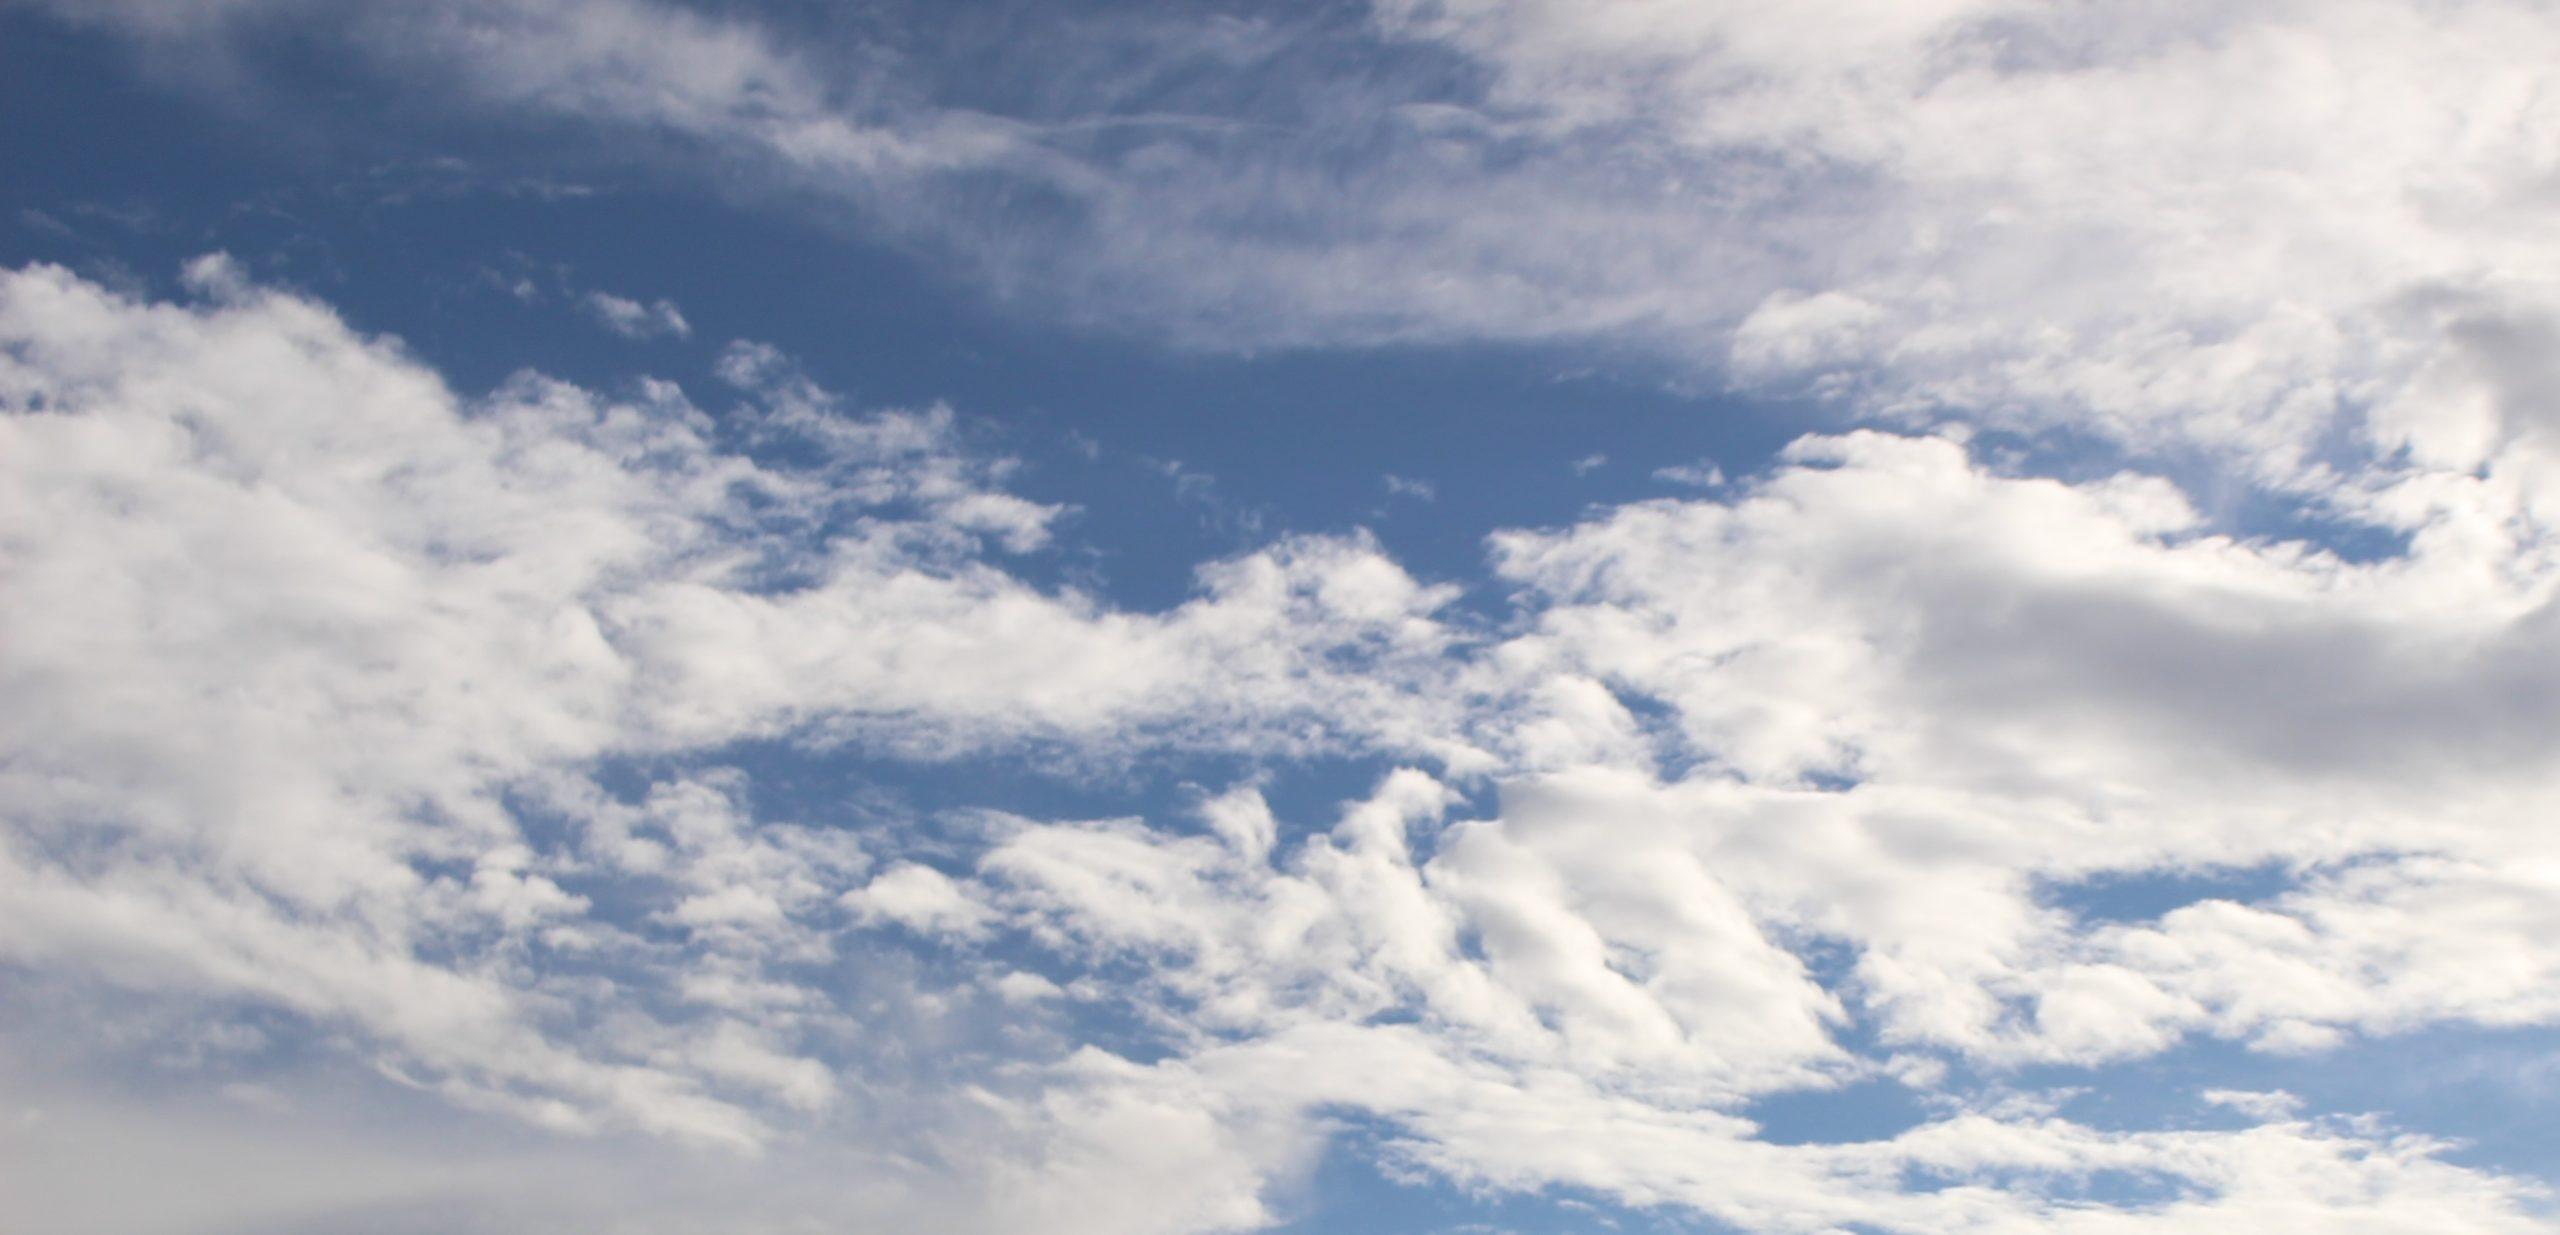 【知ってそうで知らない科学の話】なぜ雲は白いの? 空が青い原理とおなじです